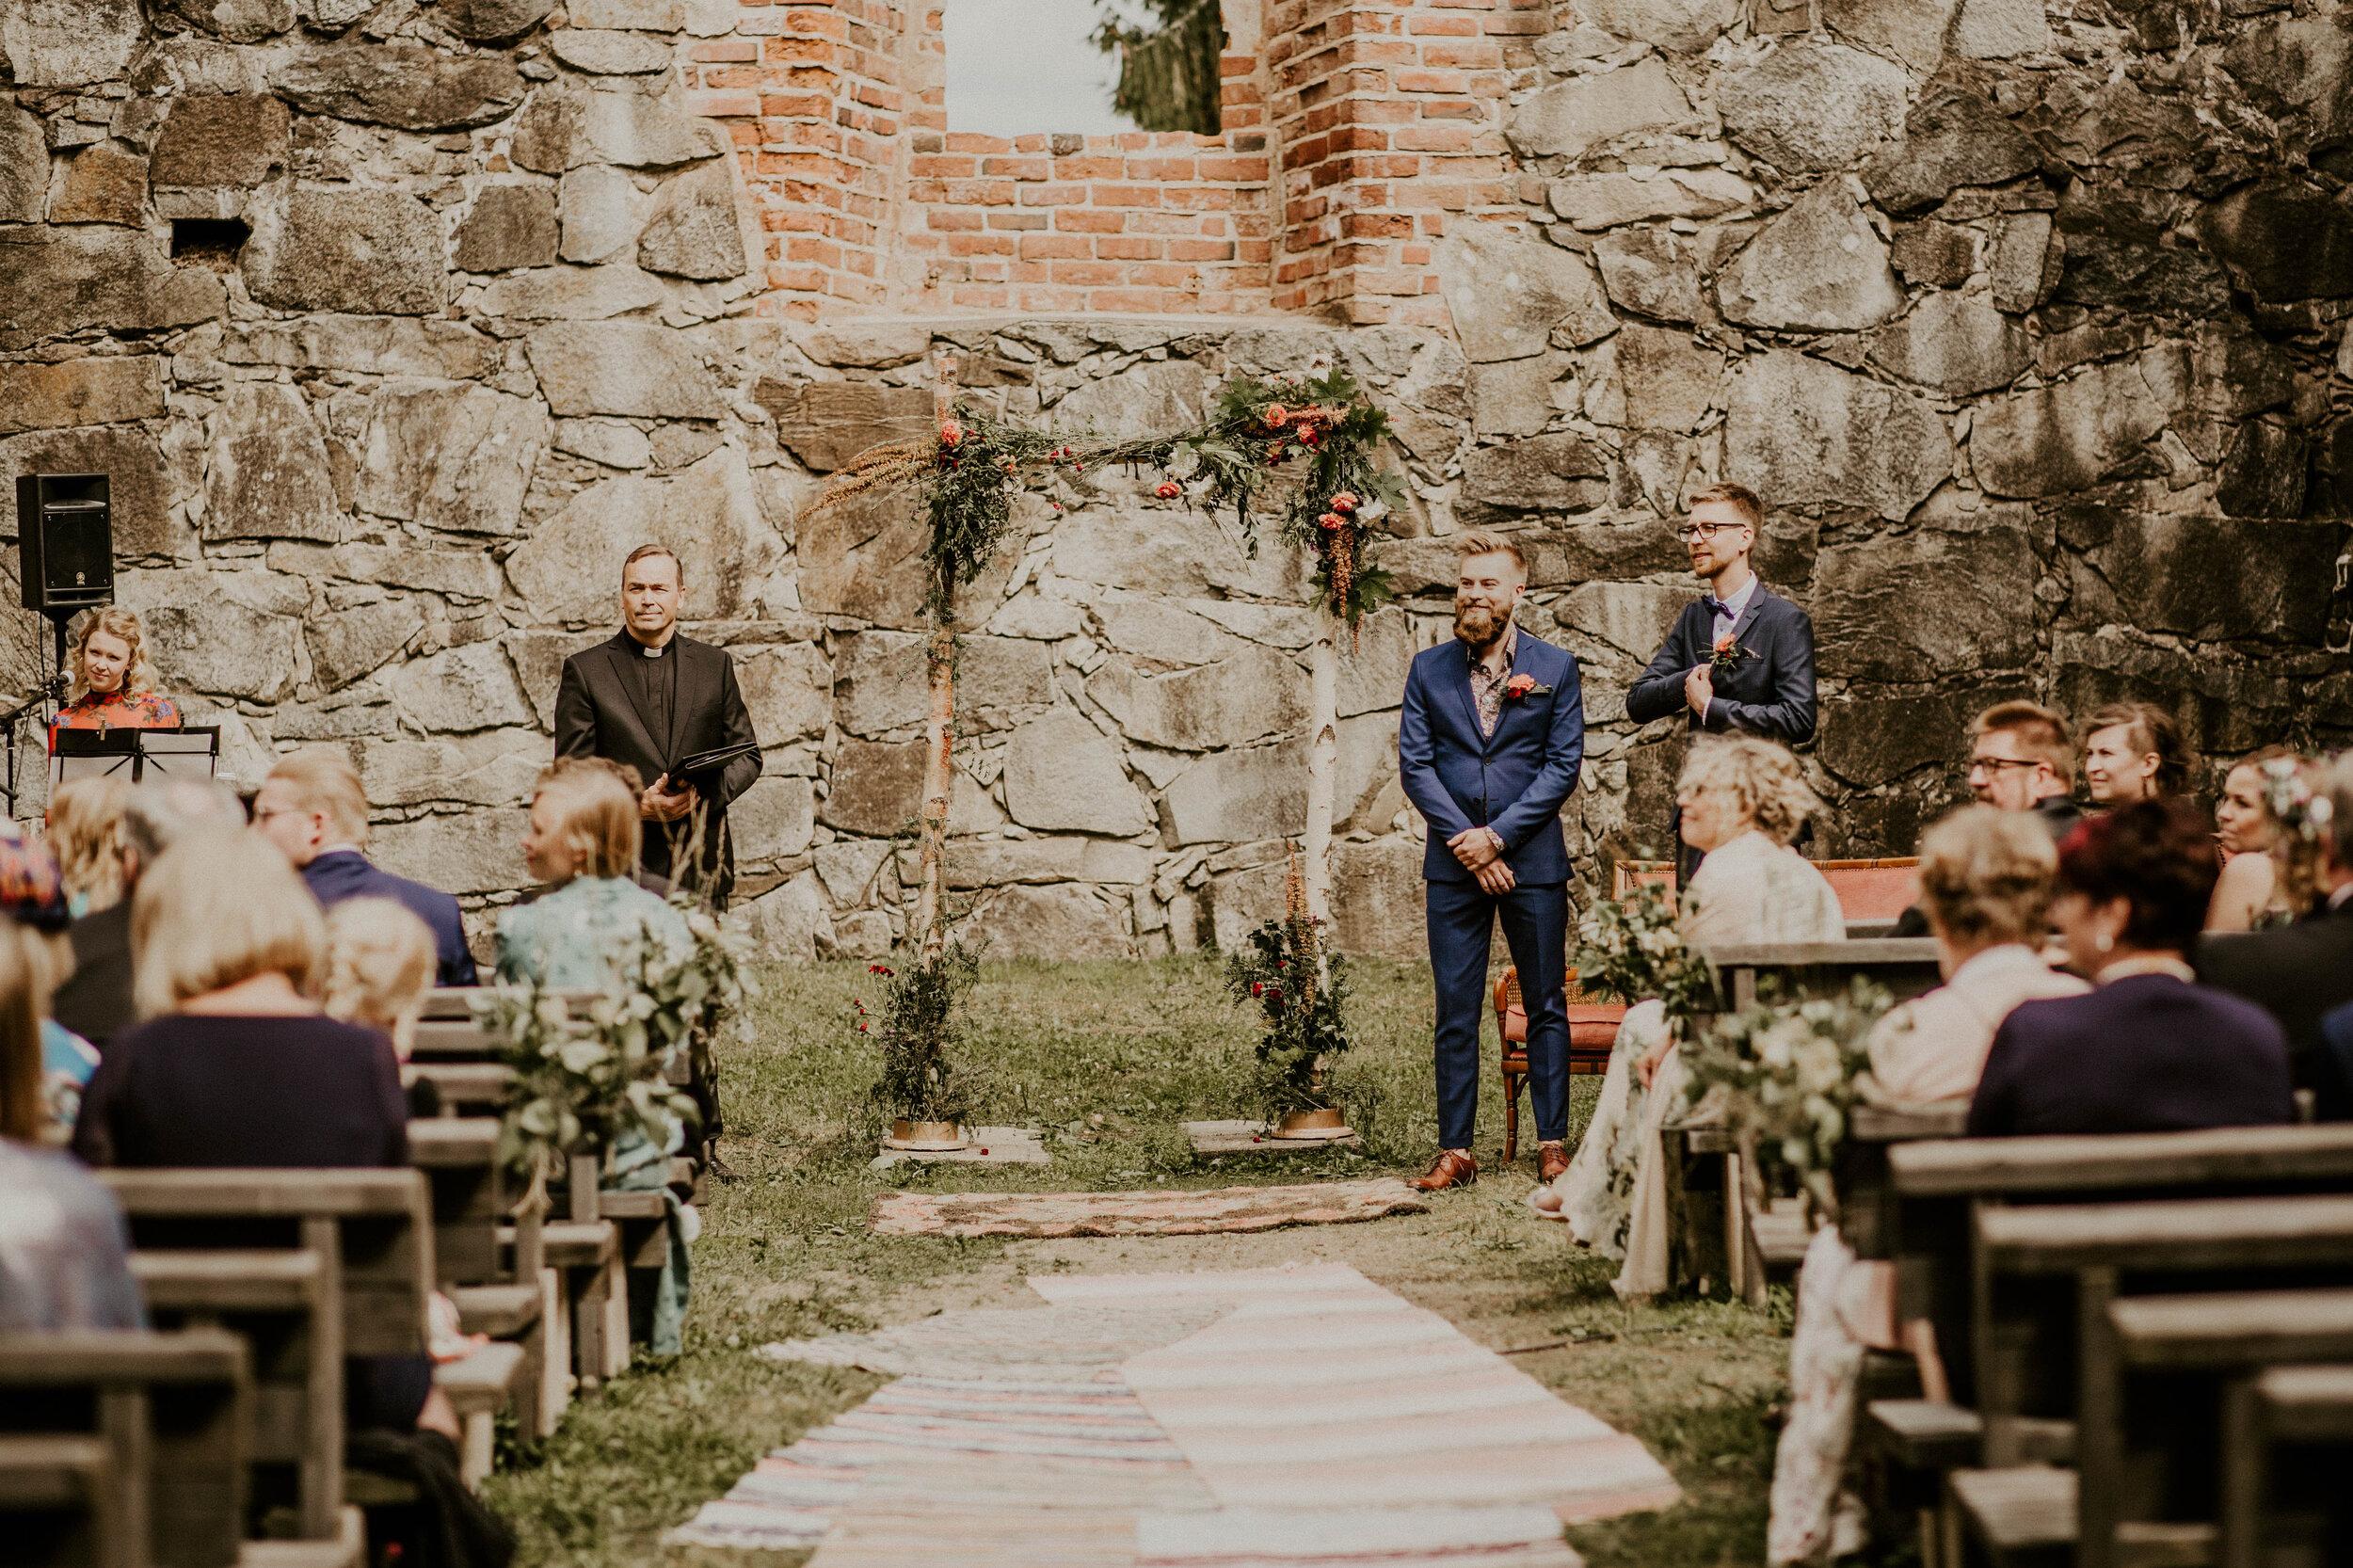 dora&matias_ceremony-1.jpg